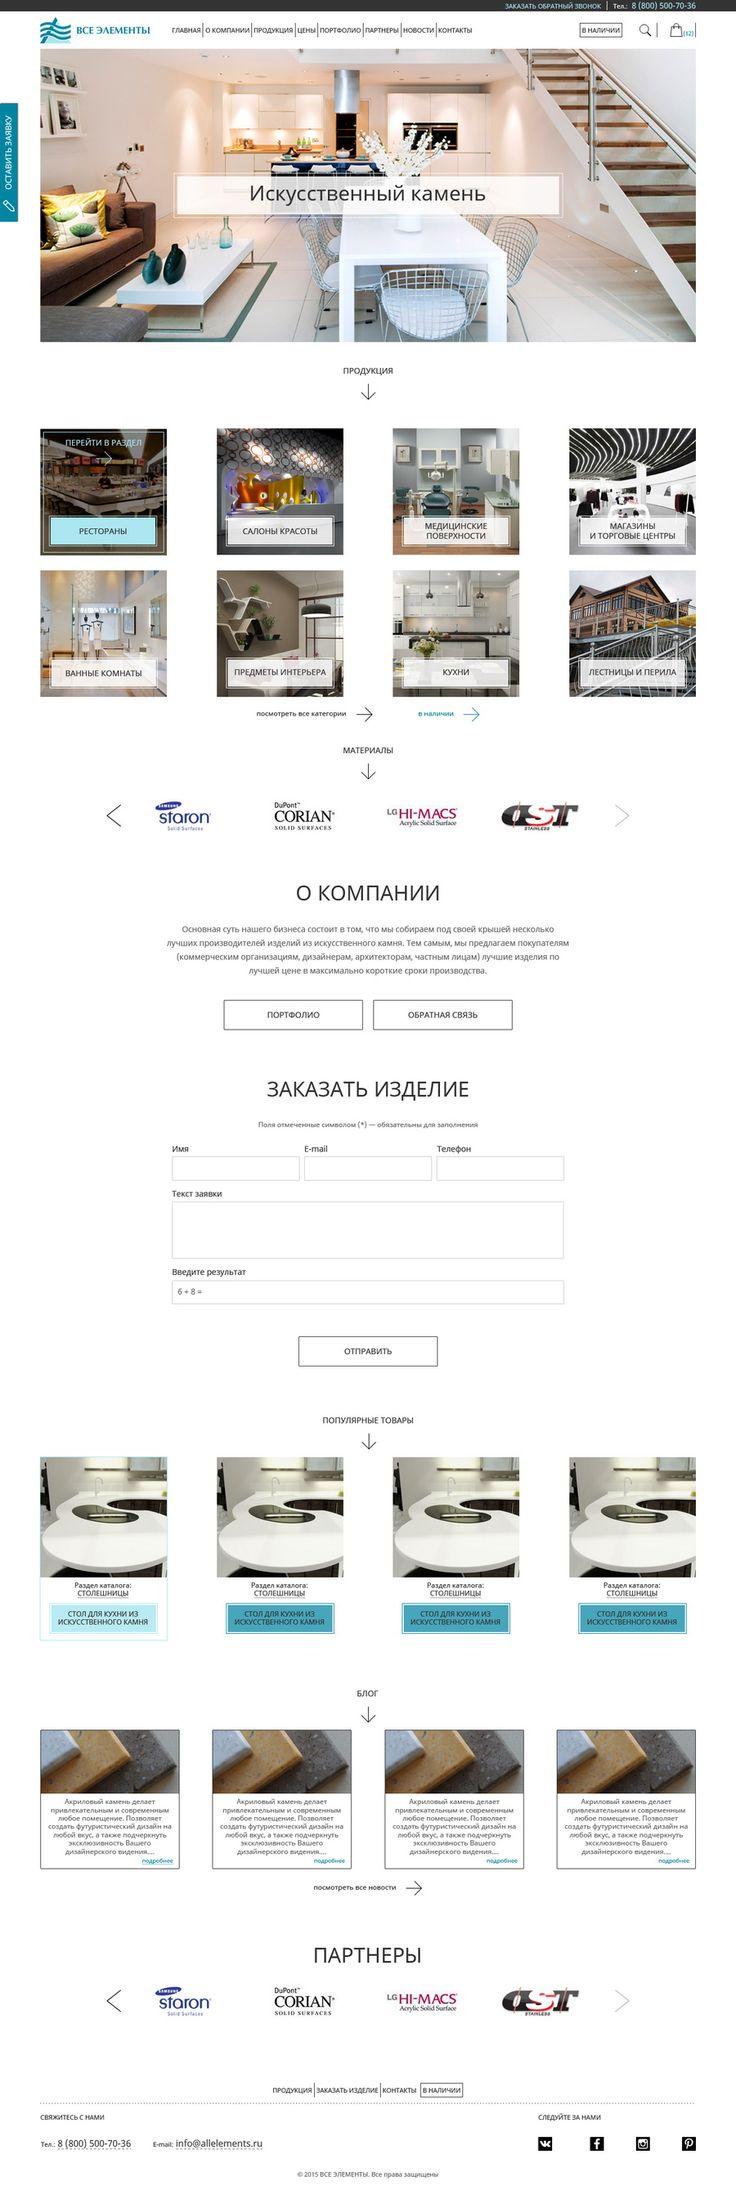 """Дизайн сайта для компании """"ALL ELEMENTS""""   Разработан адаптивный дизайн сайта для компании """"ВСЕ ЭЛЕМЕНТЫ"""", которая занимается производством и продажей изделий из искусственного камня, изготовлением лестниц, перил и ограждений, продажей кованных изделий   Студия веб-дизайна Cakewood #site #design #cakewood"""